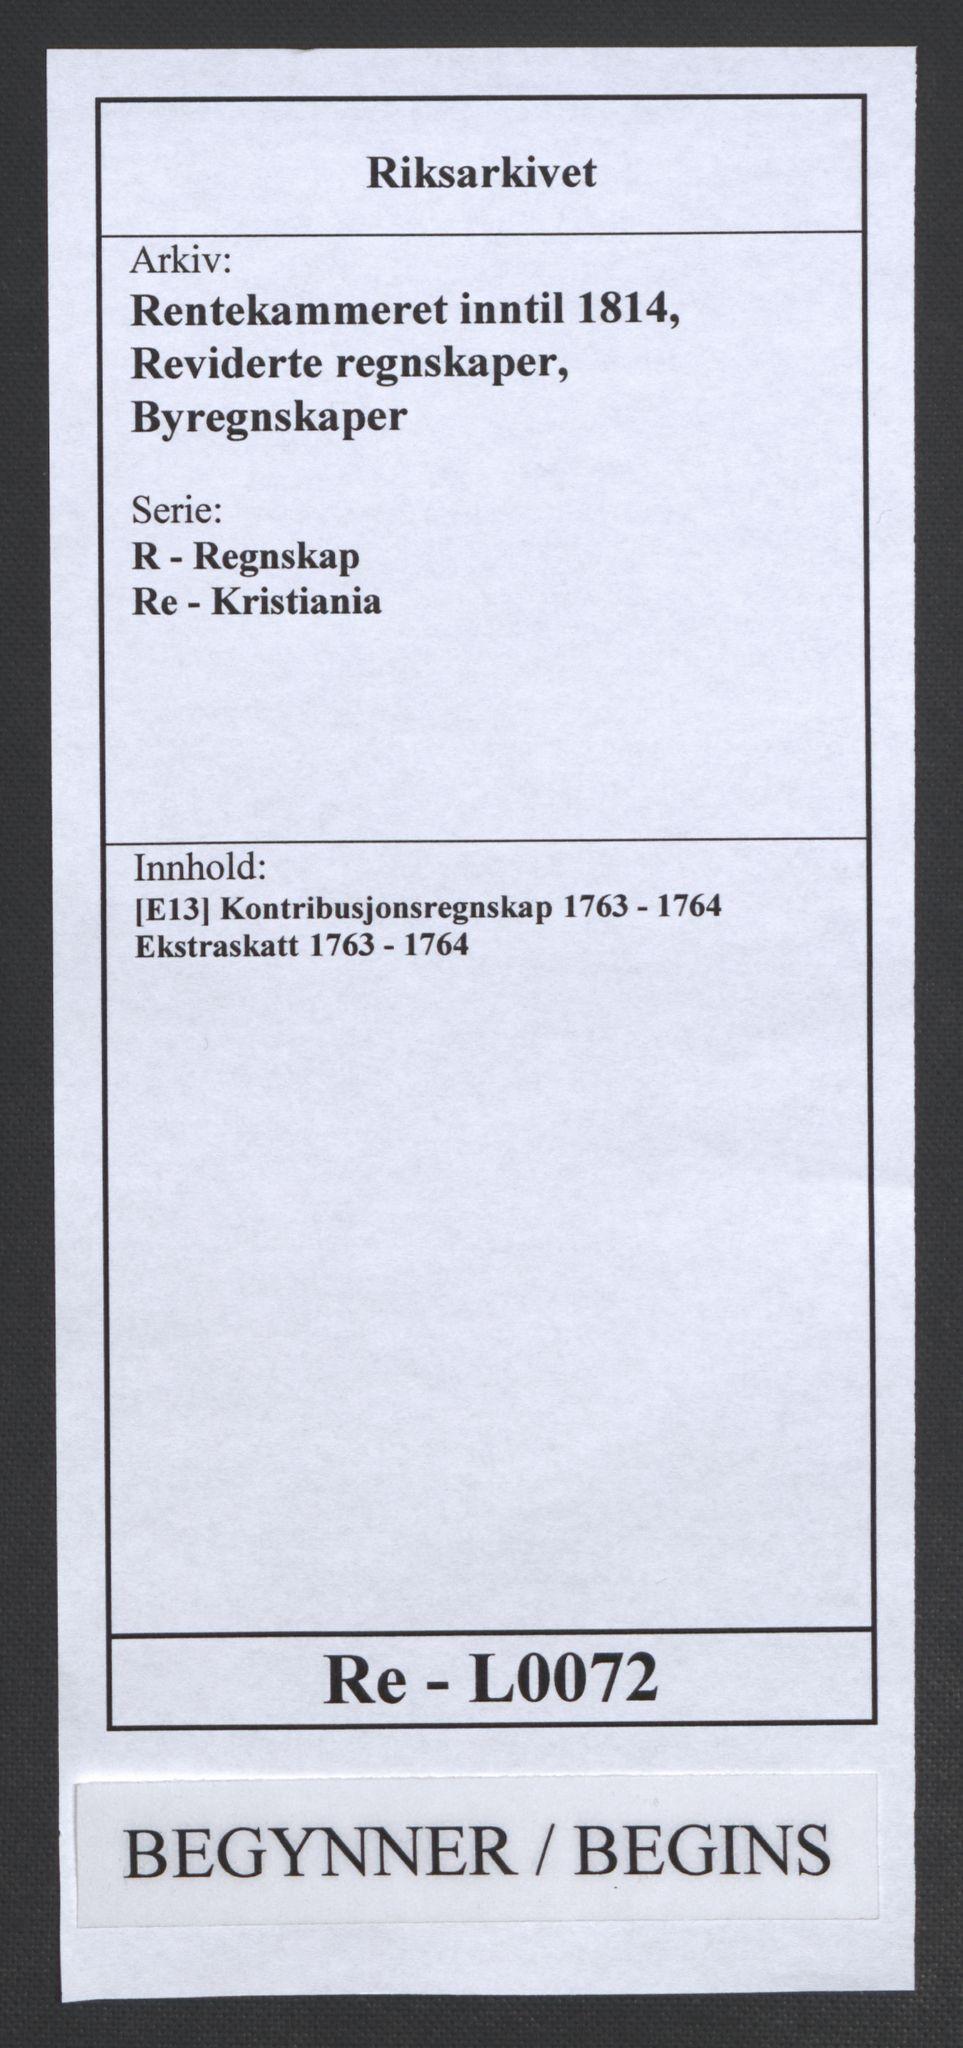 RA, Rentekammeret inntil 1814, Reviderte regnskaper, Byregnskaper, R/Re/L0072: [E13] Kontribusjonsregnskap, 1763-1764, s. 1